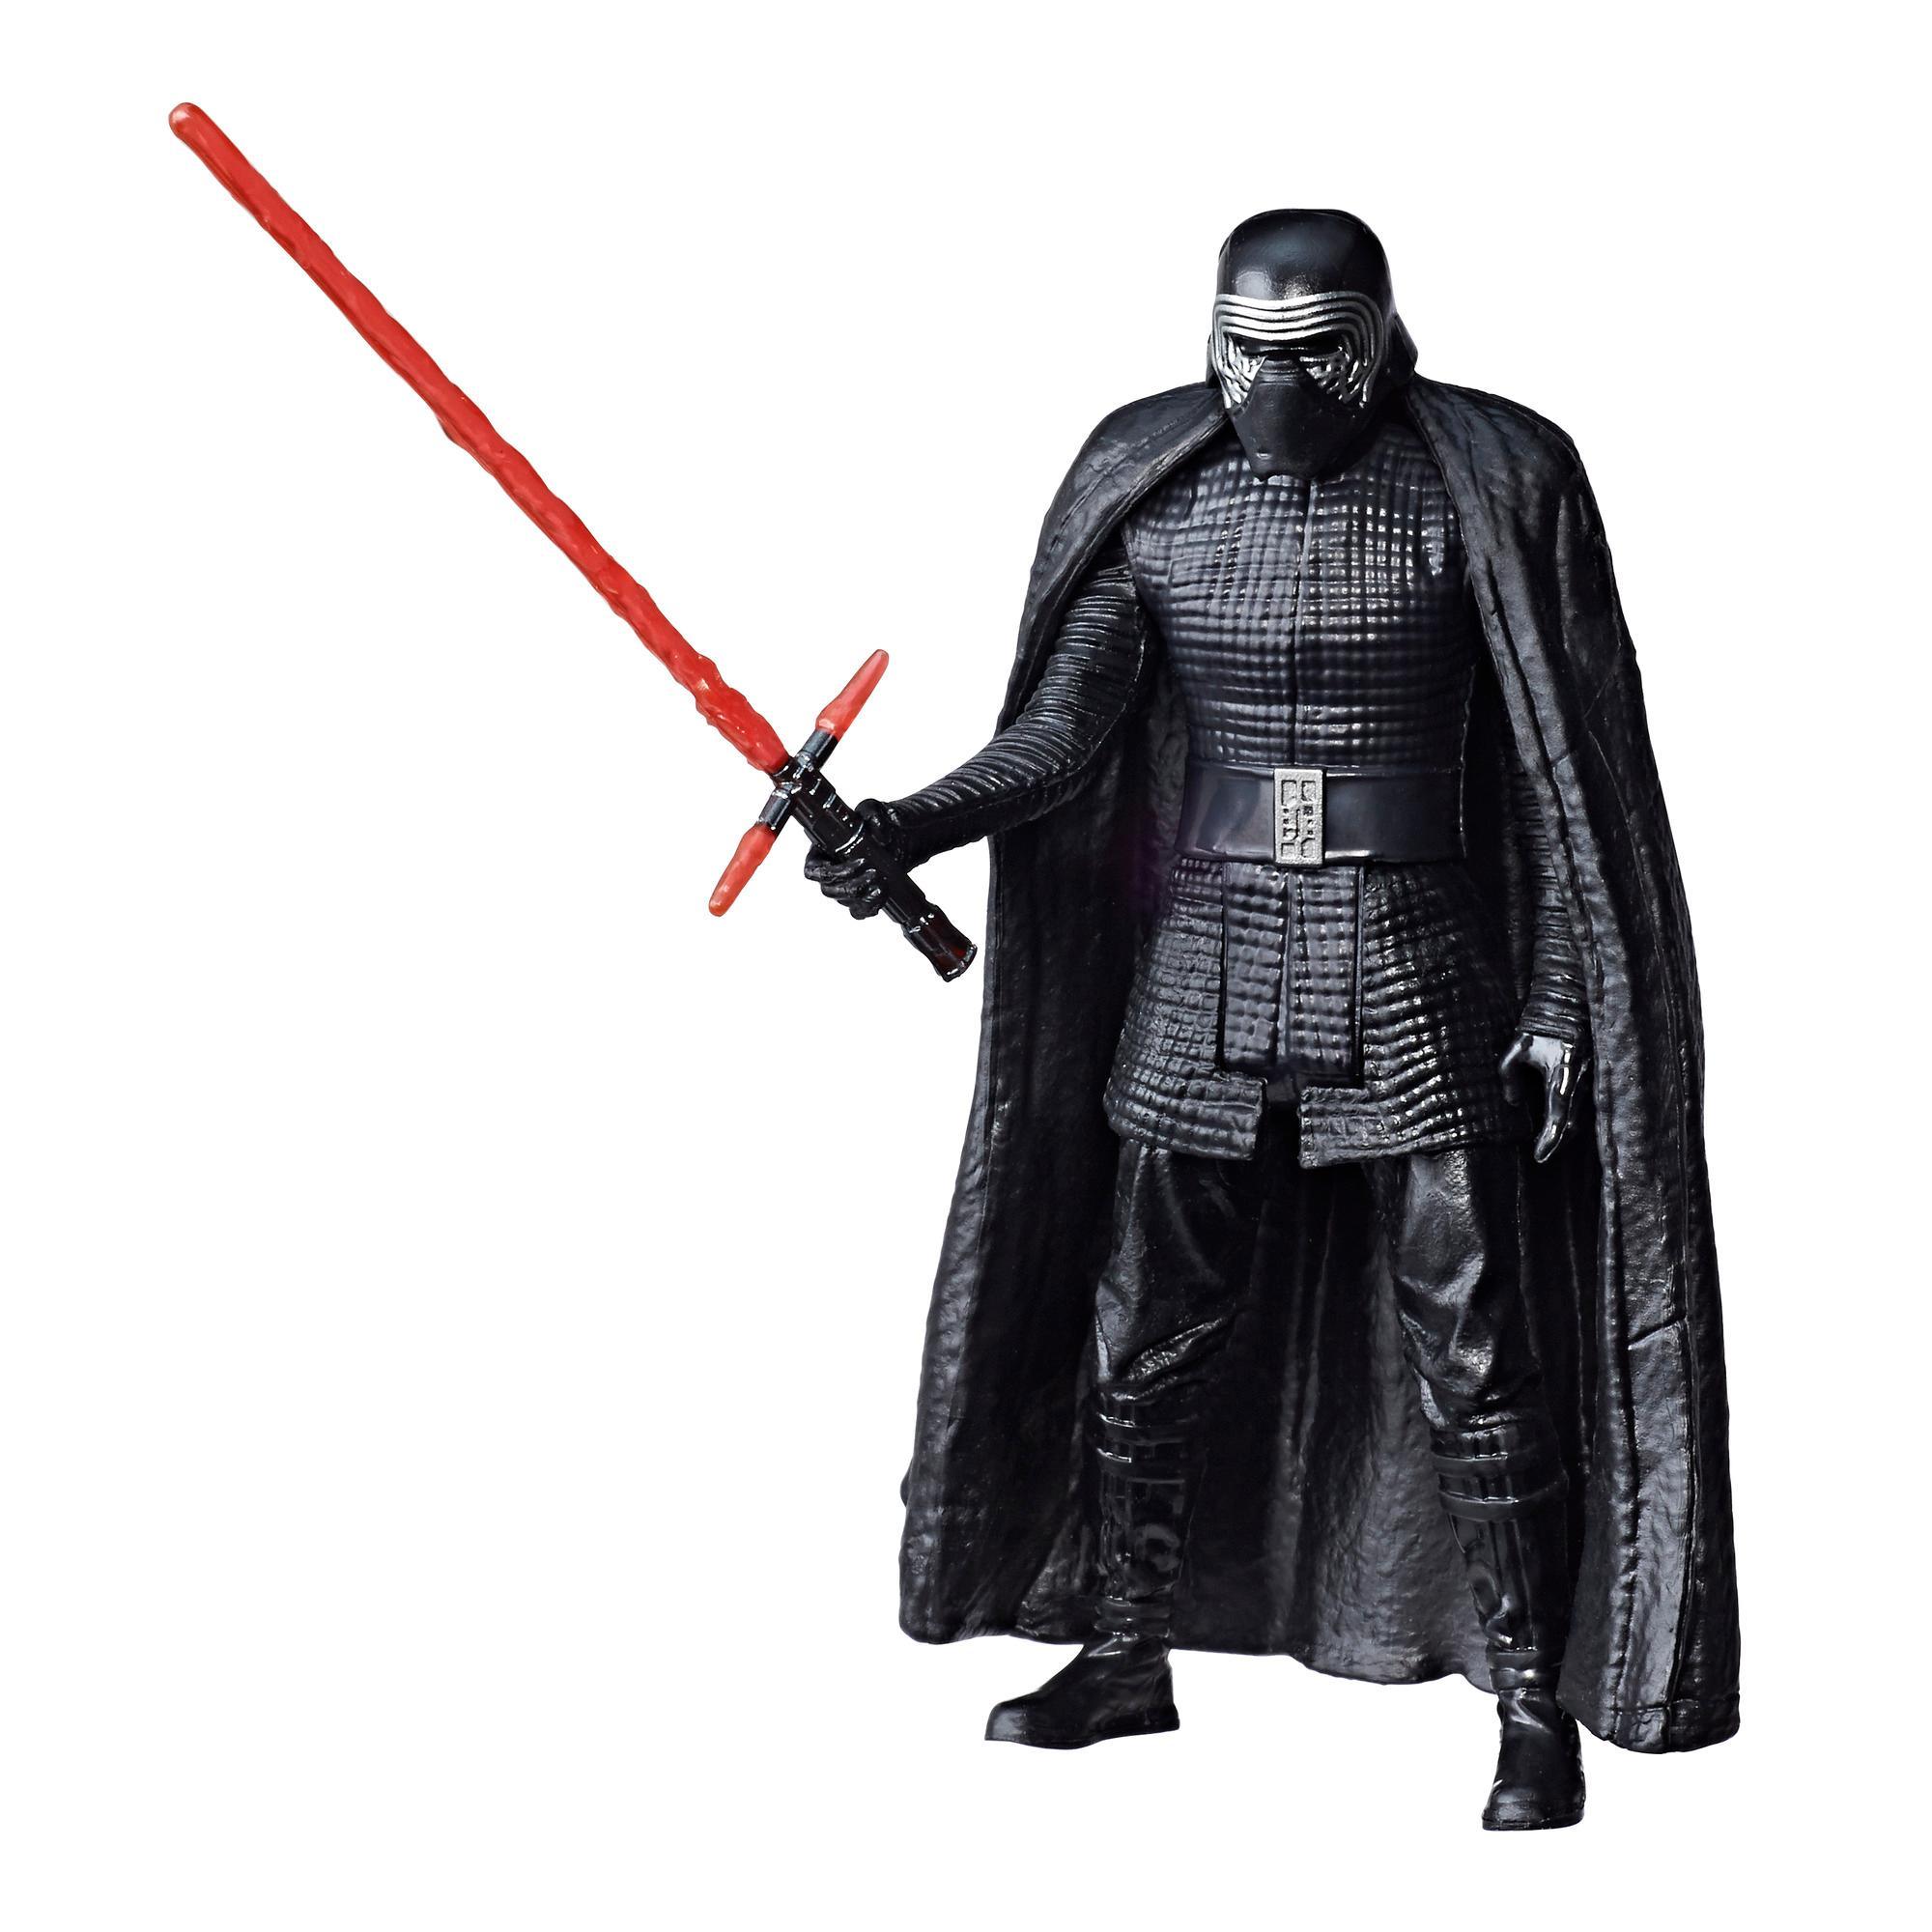 Star Wars Force Link 2.0 - Figura de Kylo Ren